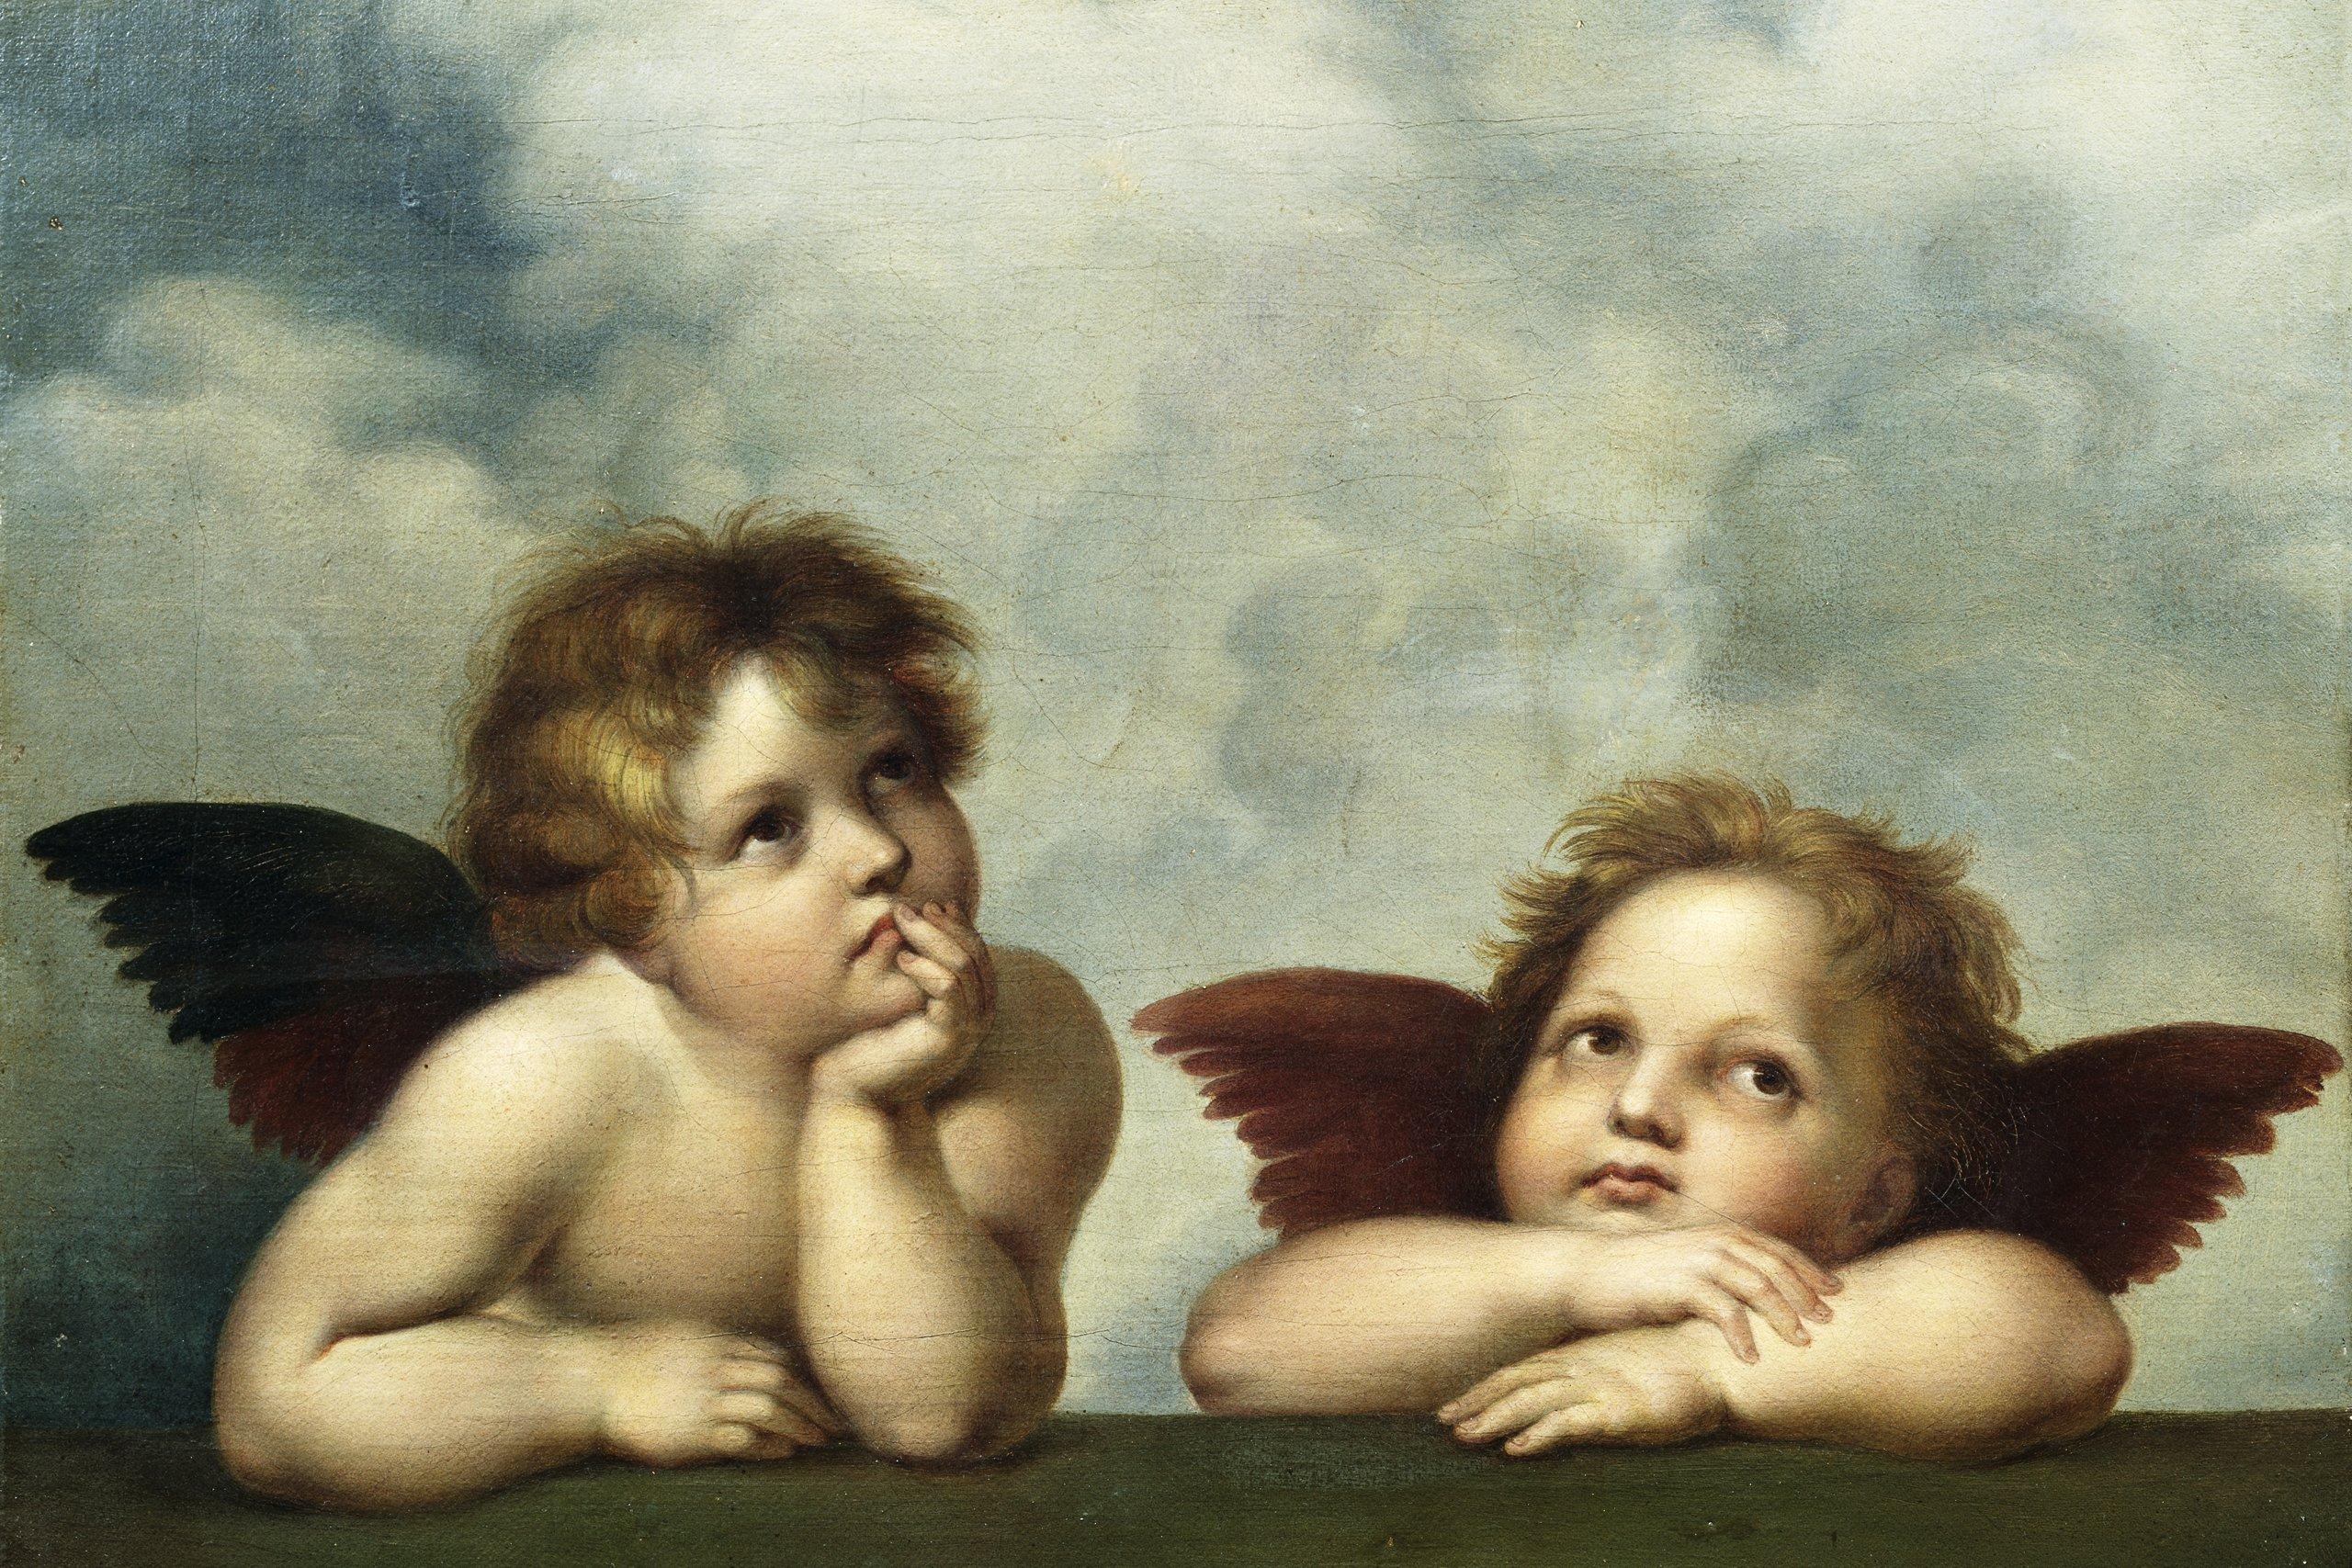 Hình ảnh hai thiên thần nhỏ bé vẽ sơn dầu